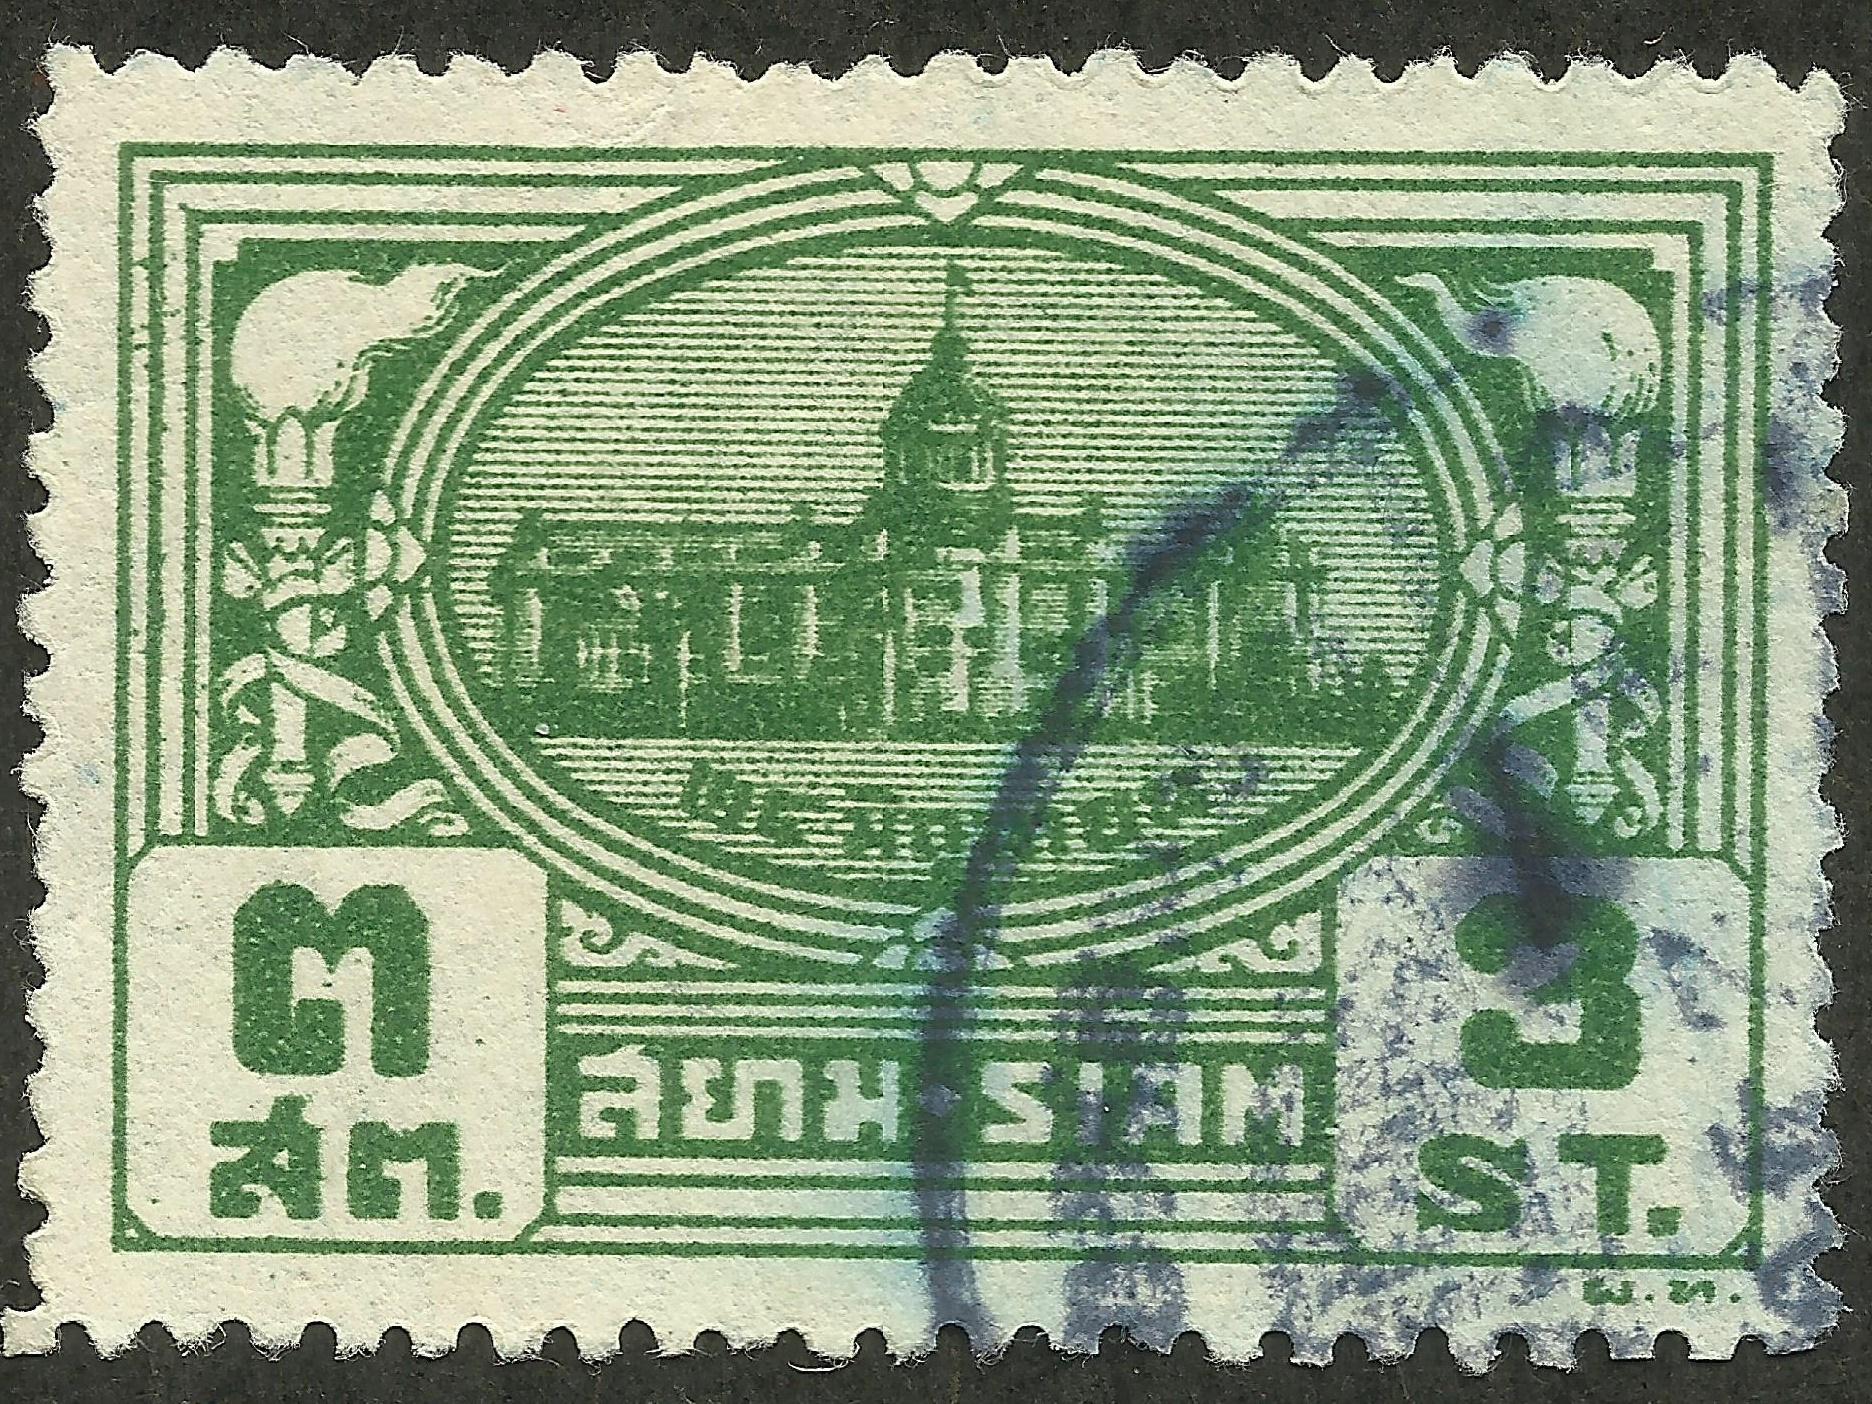 Siam - Scott #234 (1939)